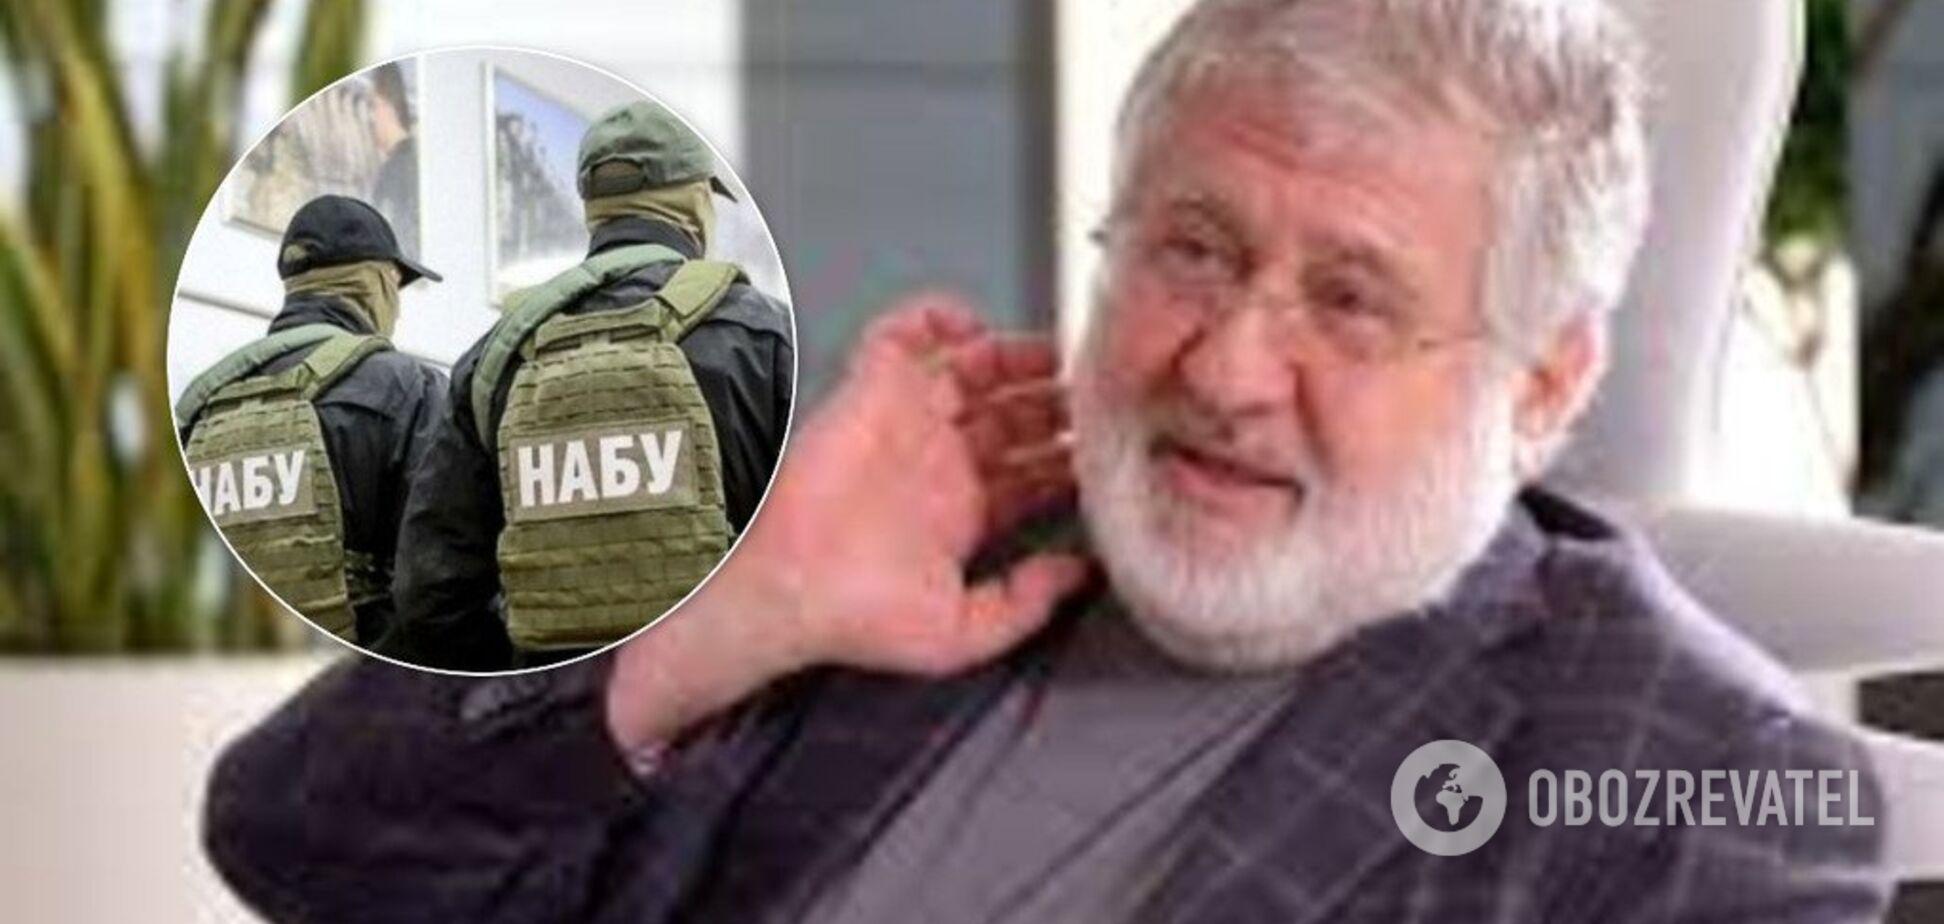 НАБУ 'связали руки' из-за компании Коломойского: что известно